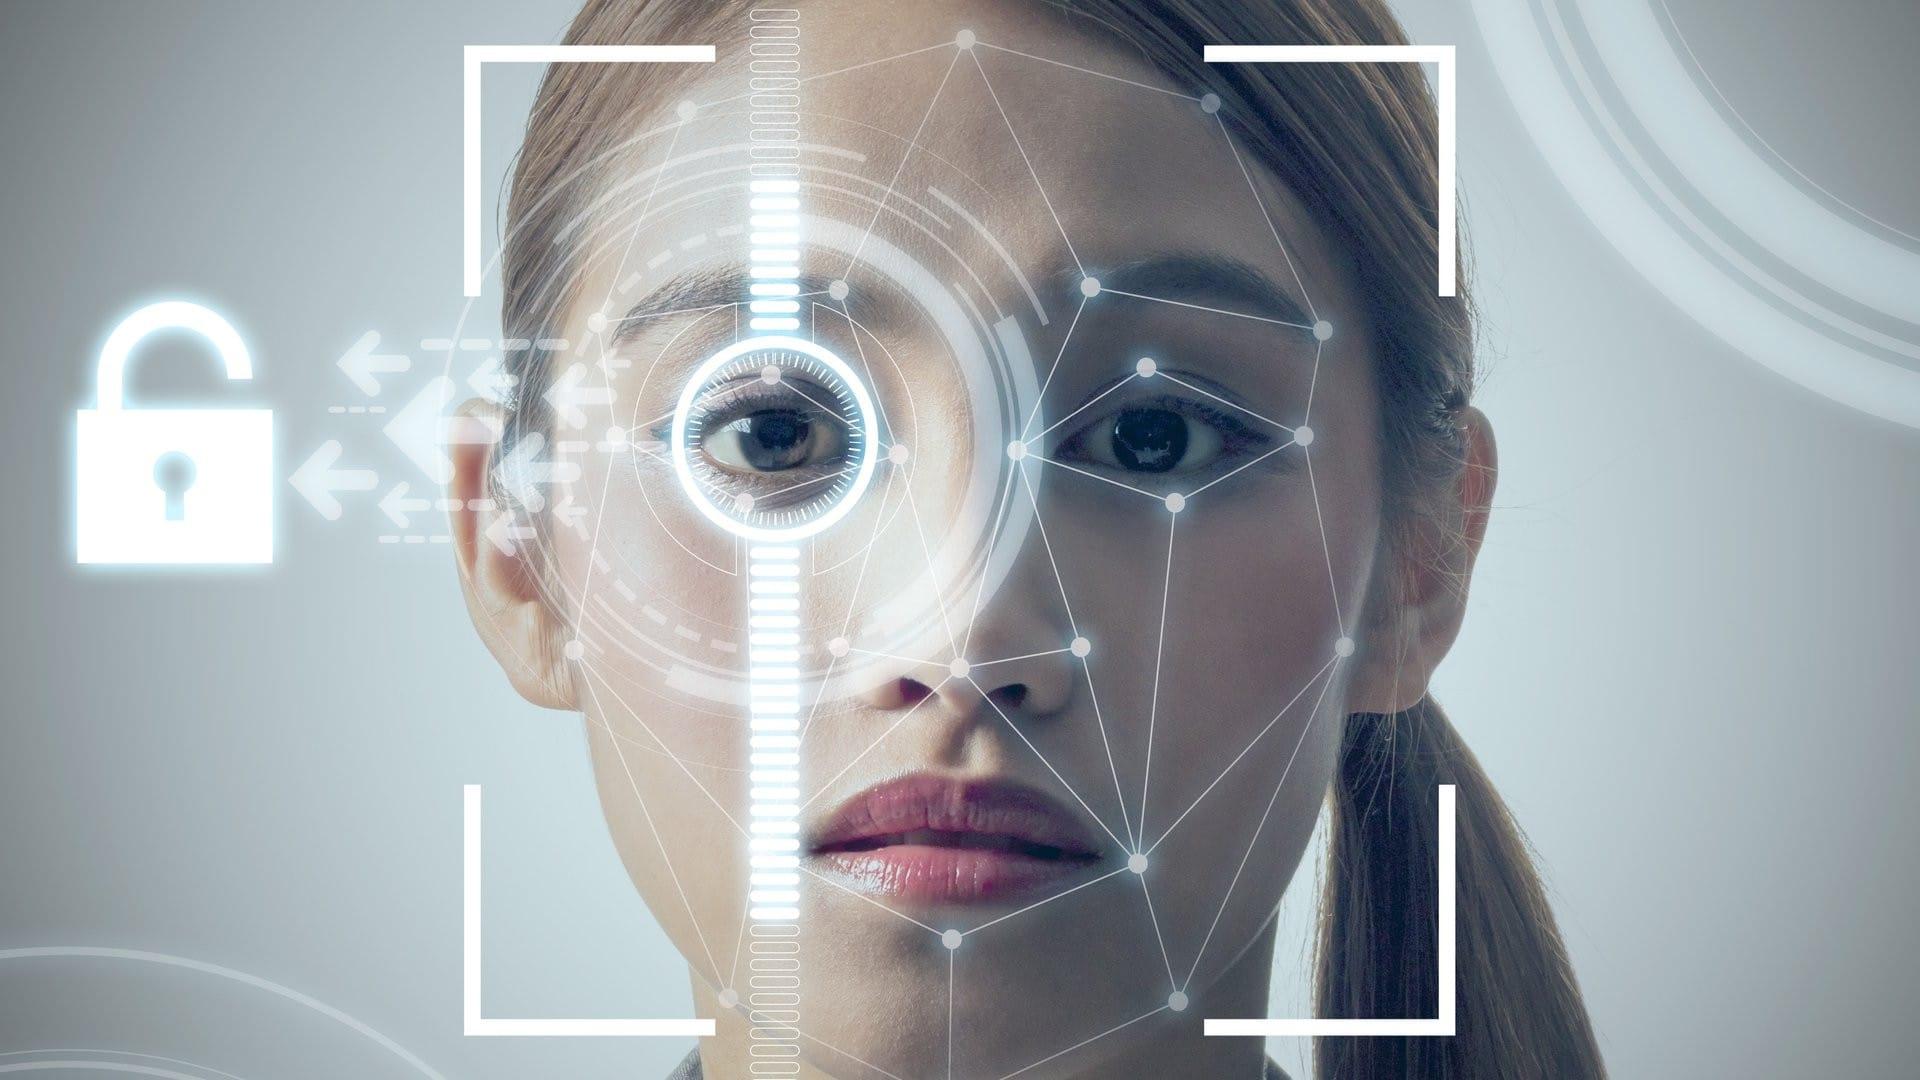 Биометрия в банках: что это такое